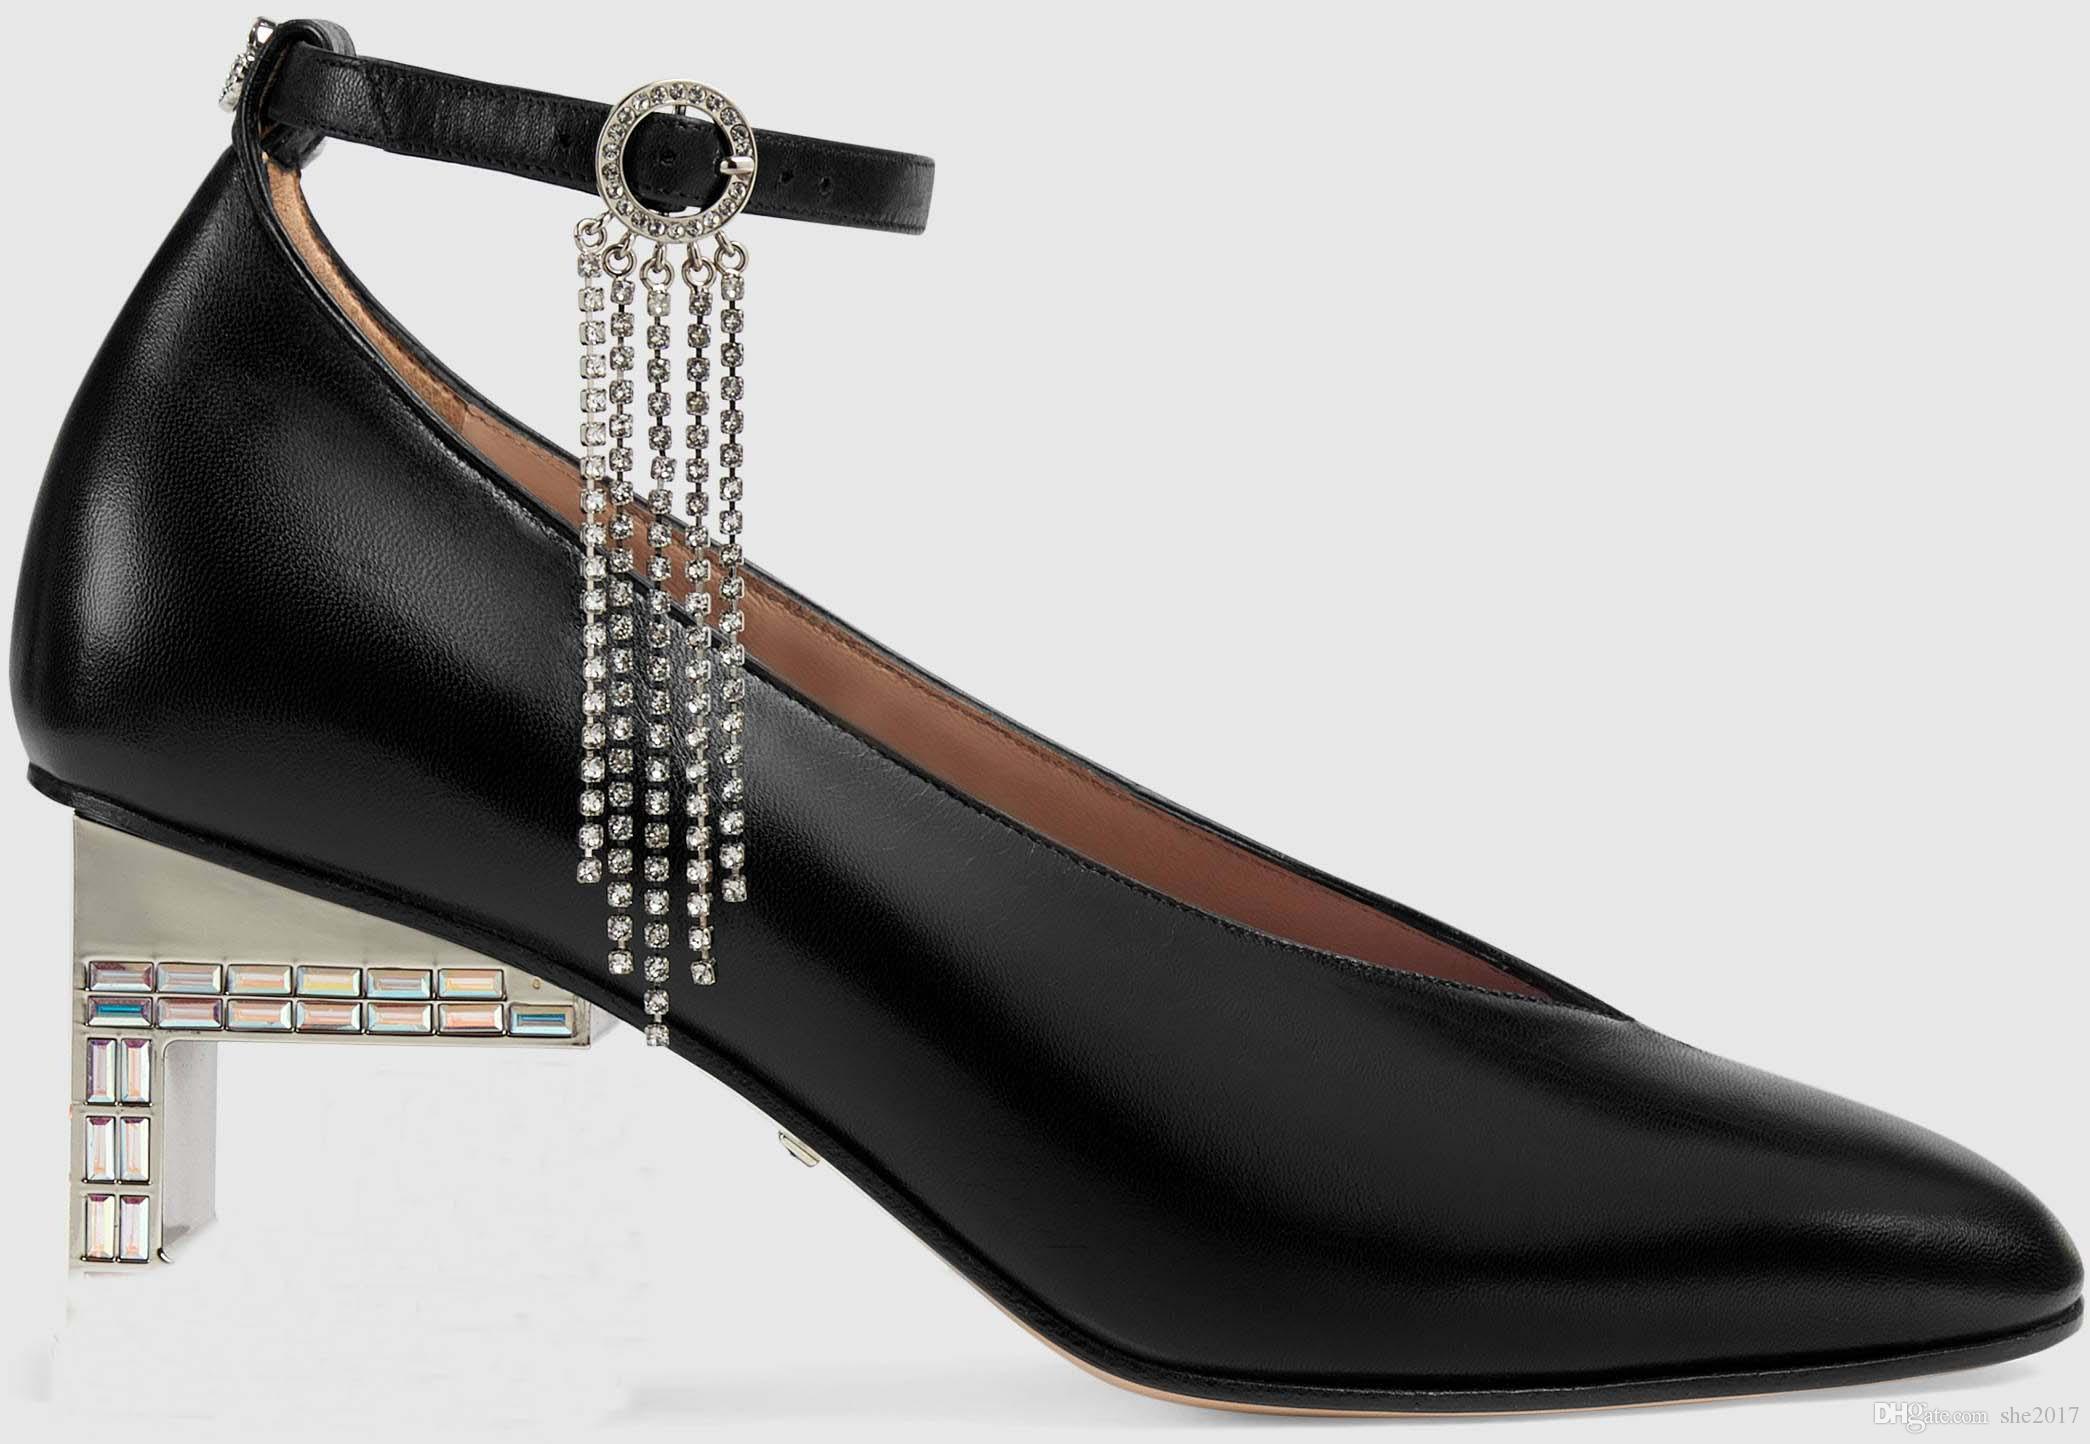 2019 yeni hakiki deri kadın ayakkabı kristal G topuk tasarım ayak bileği zapatillas sapatos femininos sapatilha zapatos mujer kadın